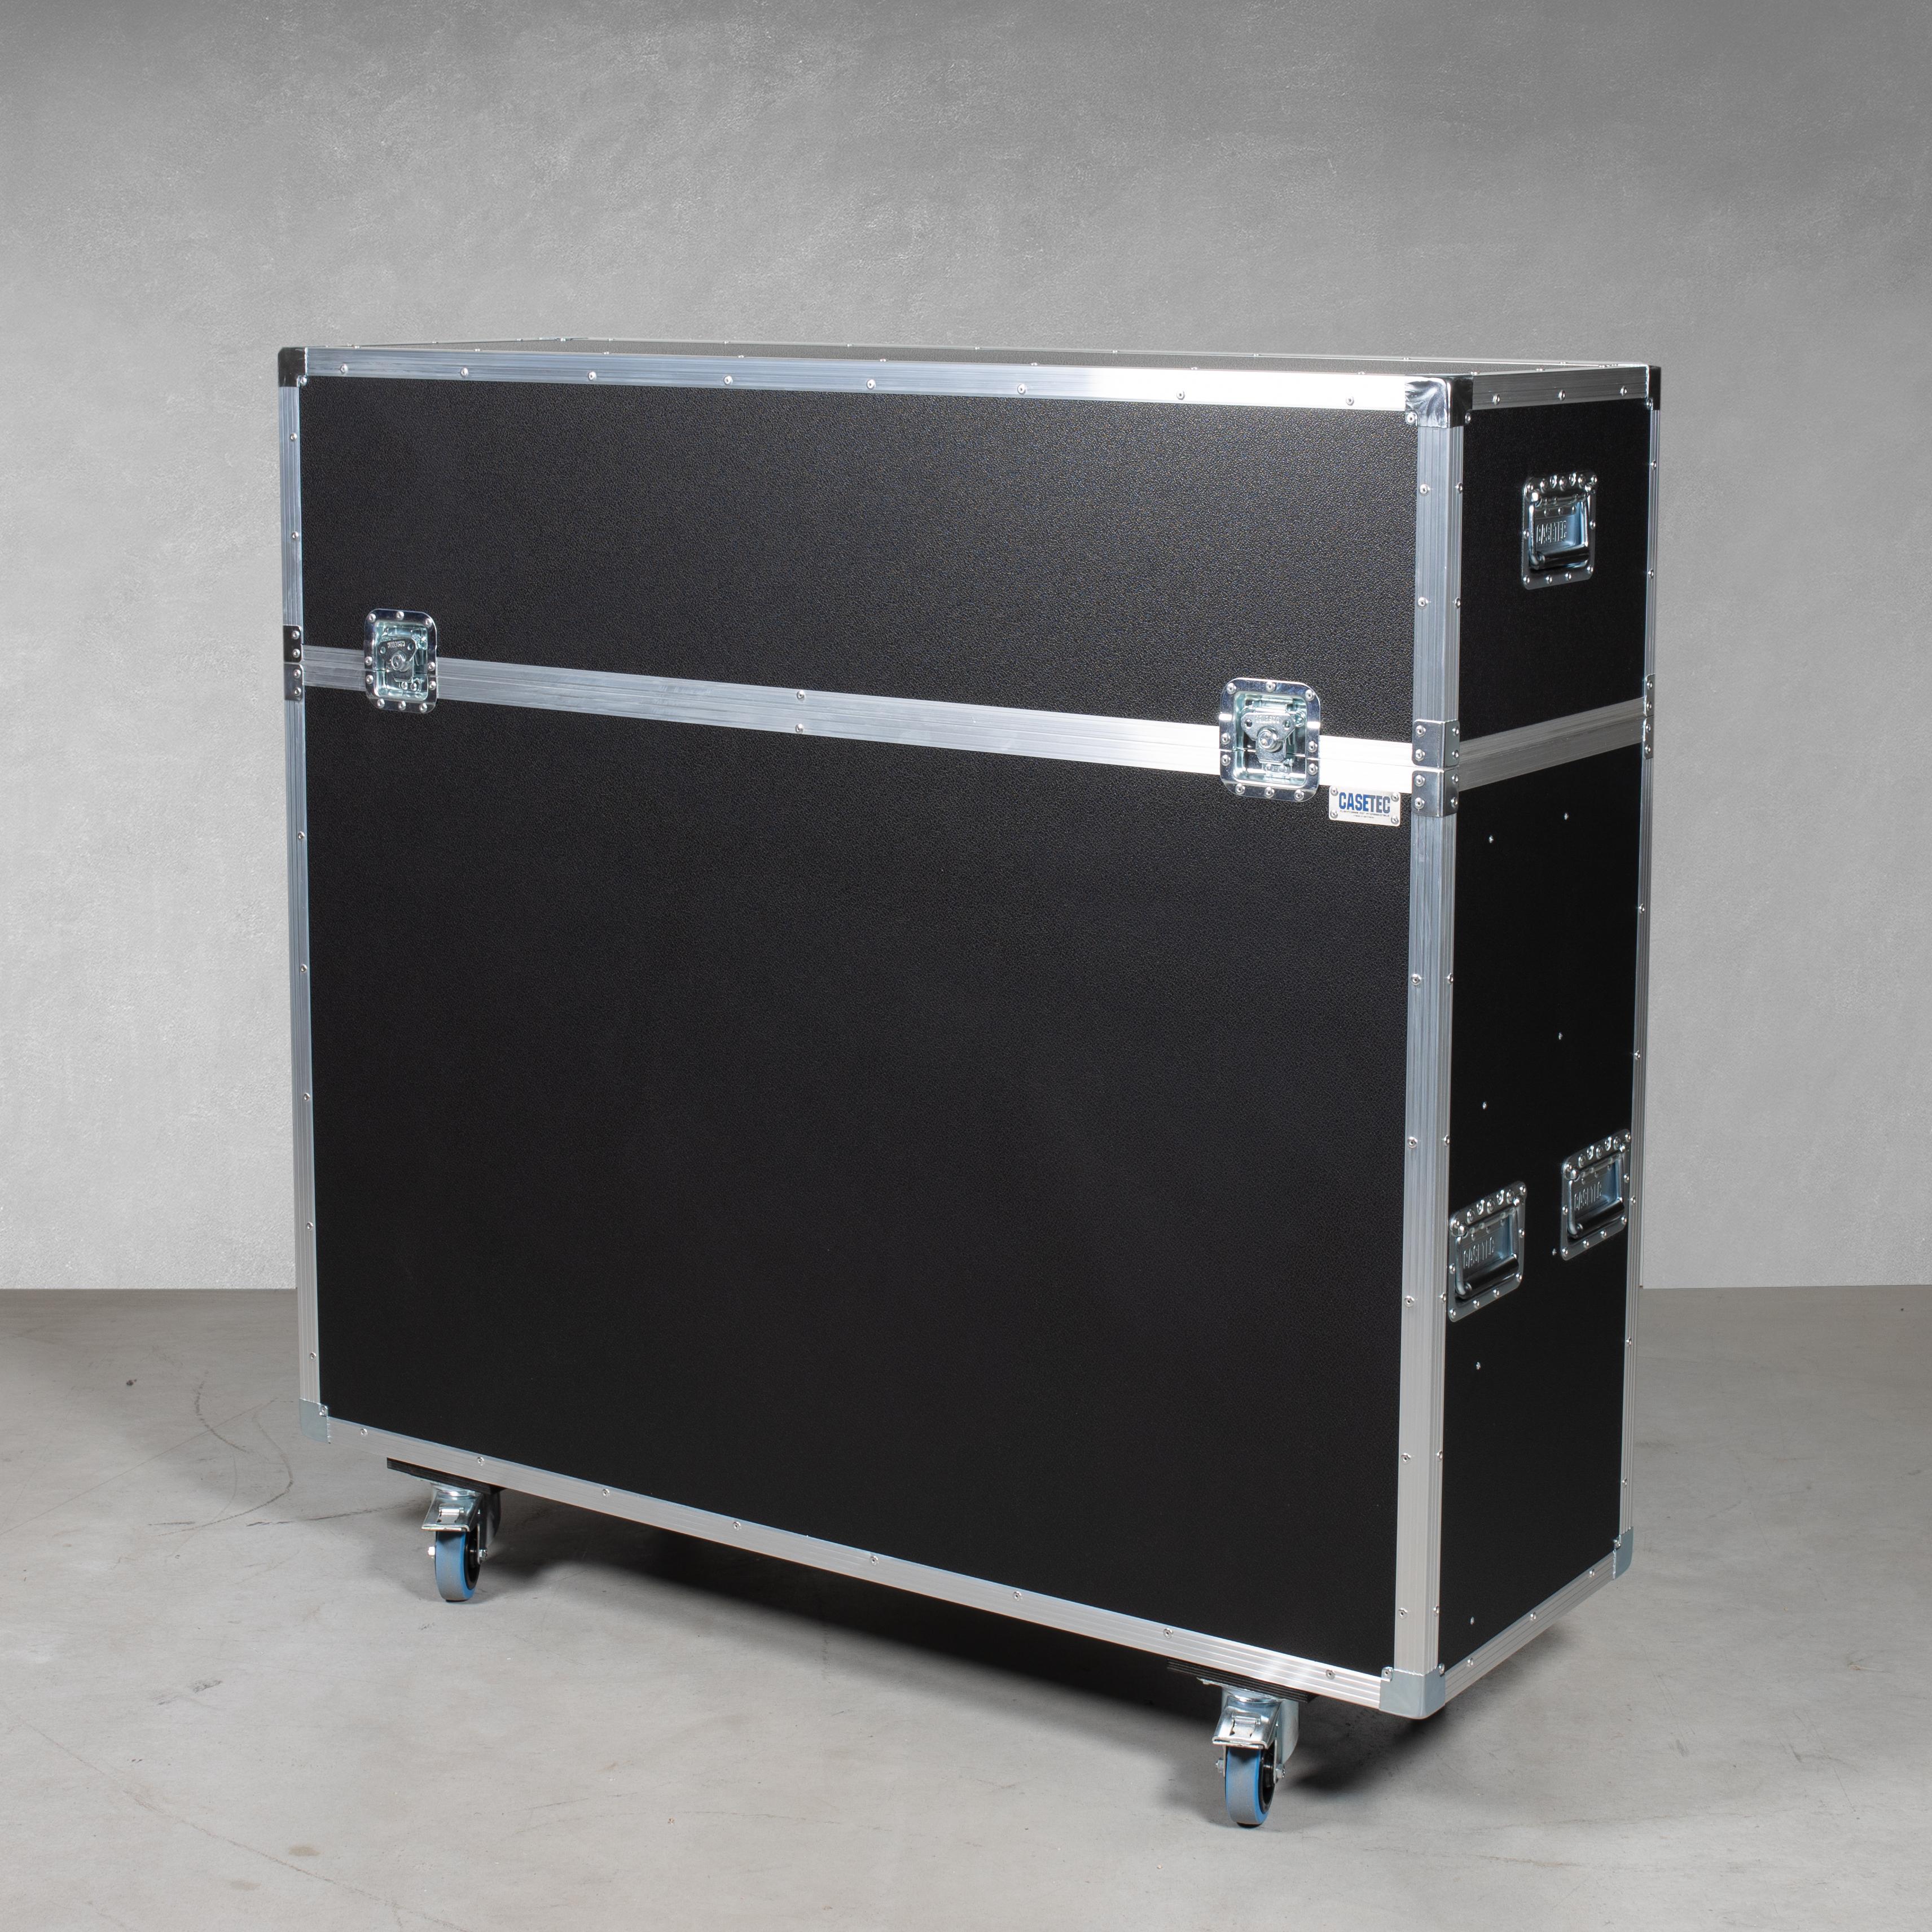 """Flightcase mit elektrischem Hublift (inkl. Displayhalterung) für einen Flachbildschirm 55"""""""